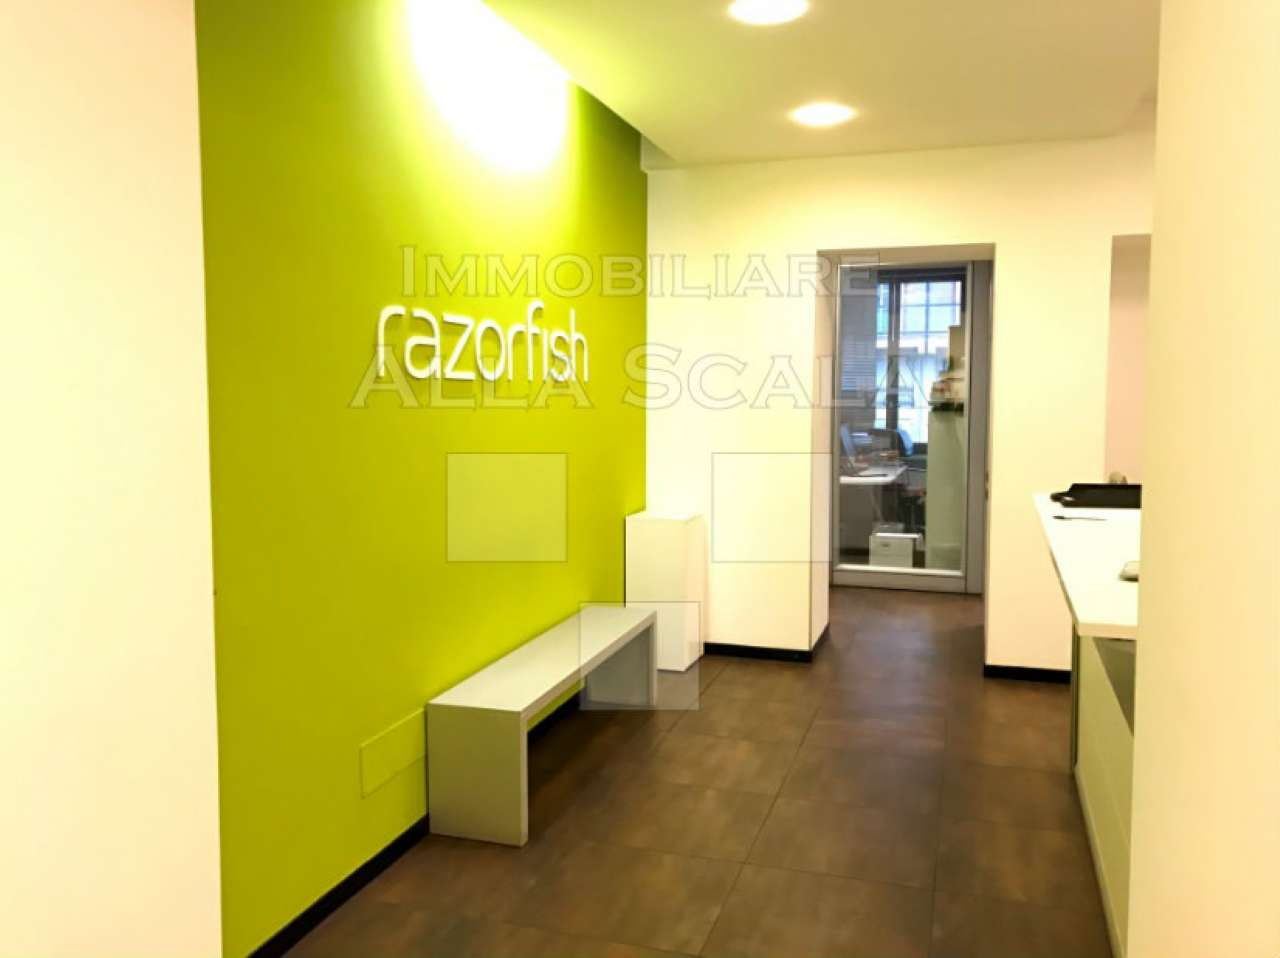 Ufficio-studio in Affitto a Milano 01 Centro storico (Cerchia dei Navigli): 5 locali, 430 mq